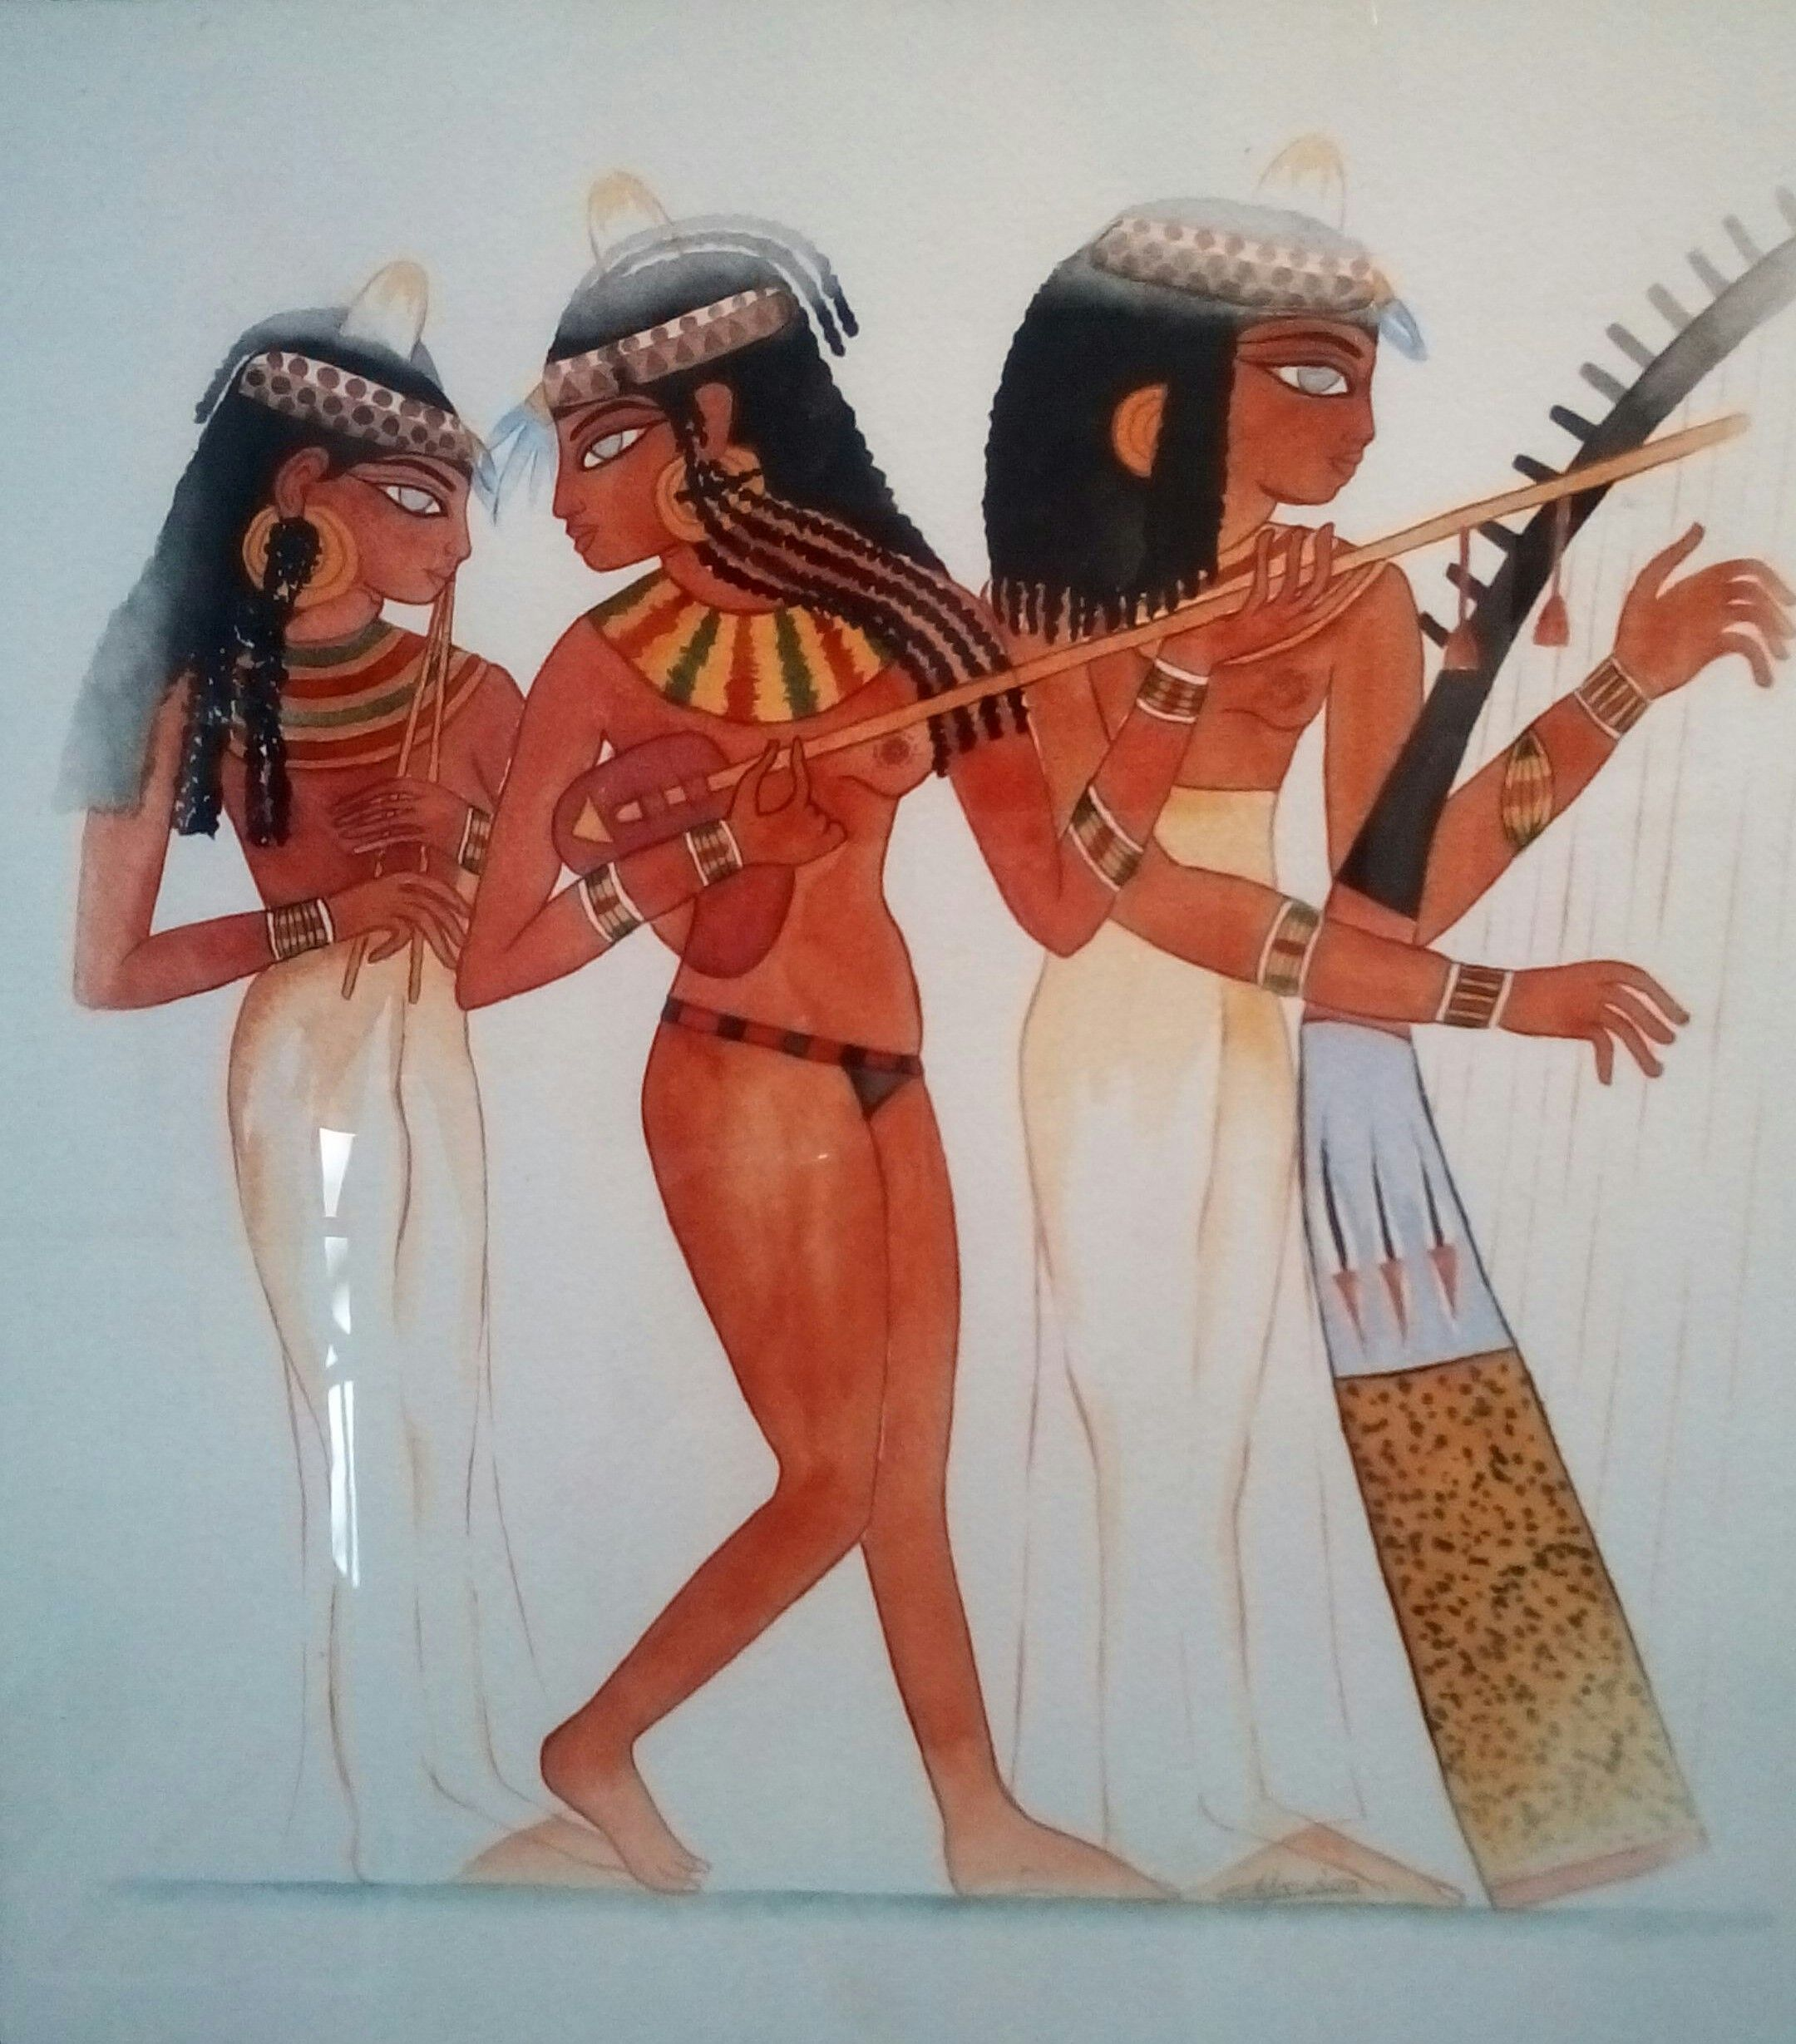 Les 3 musiciennes égyptiennes. Aquarelle, Christine Monsion